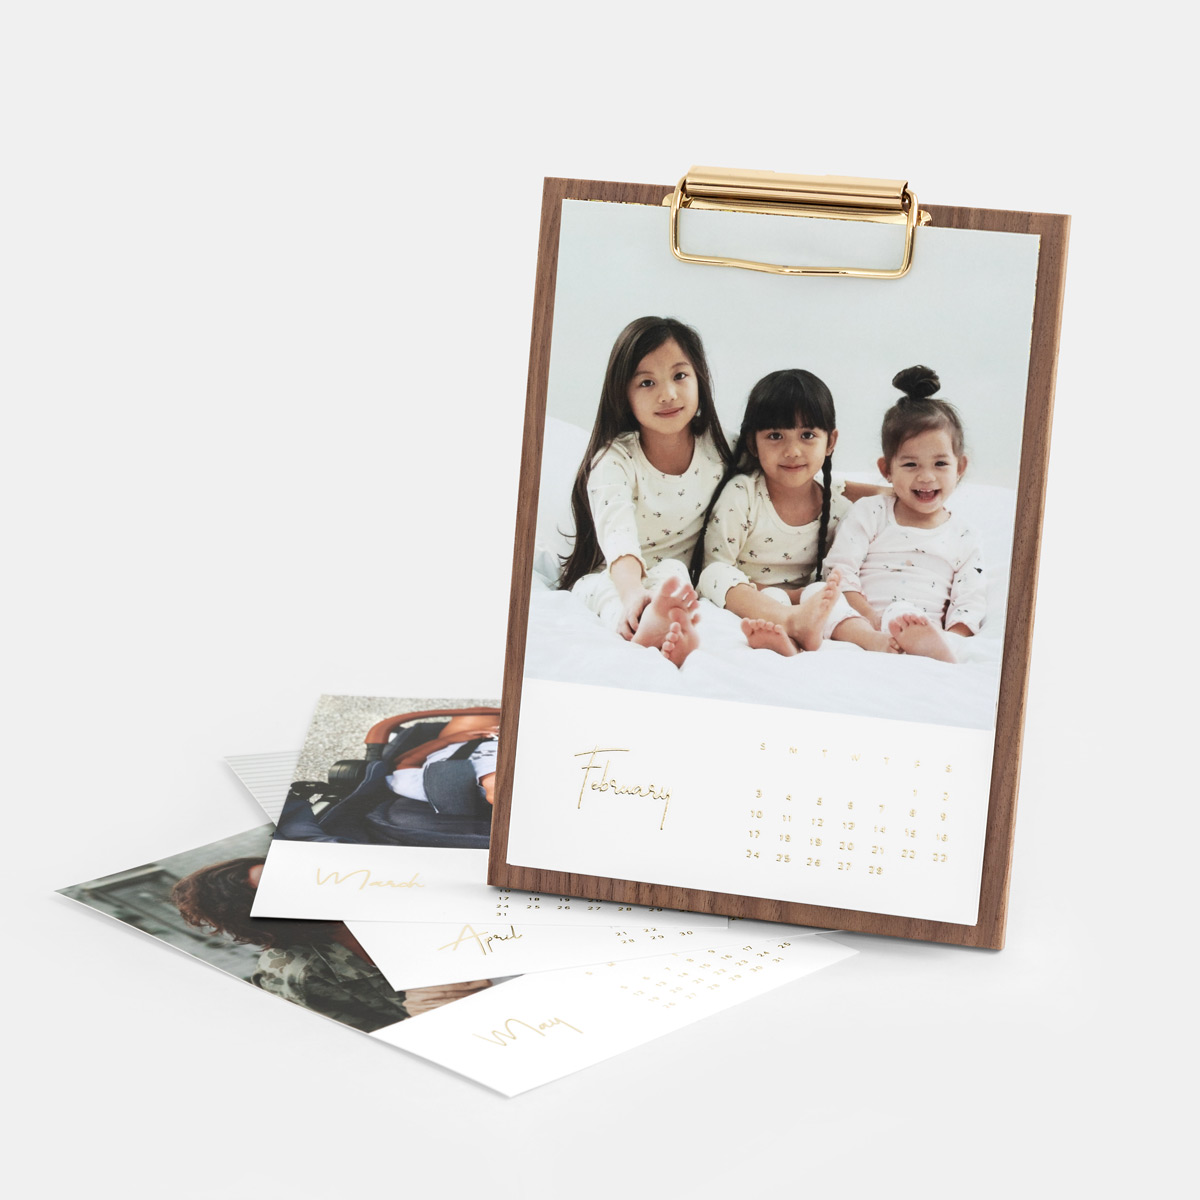 walnut desk calendar with photo of children